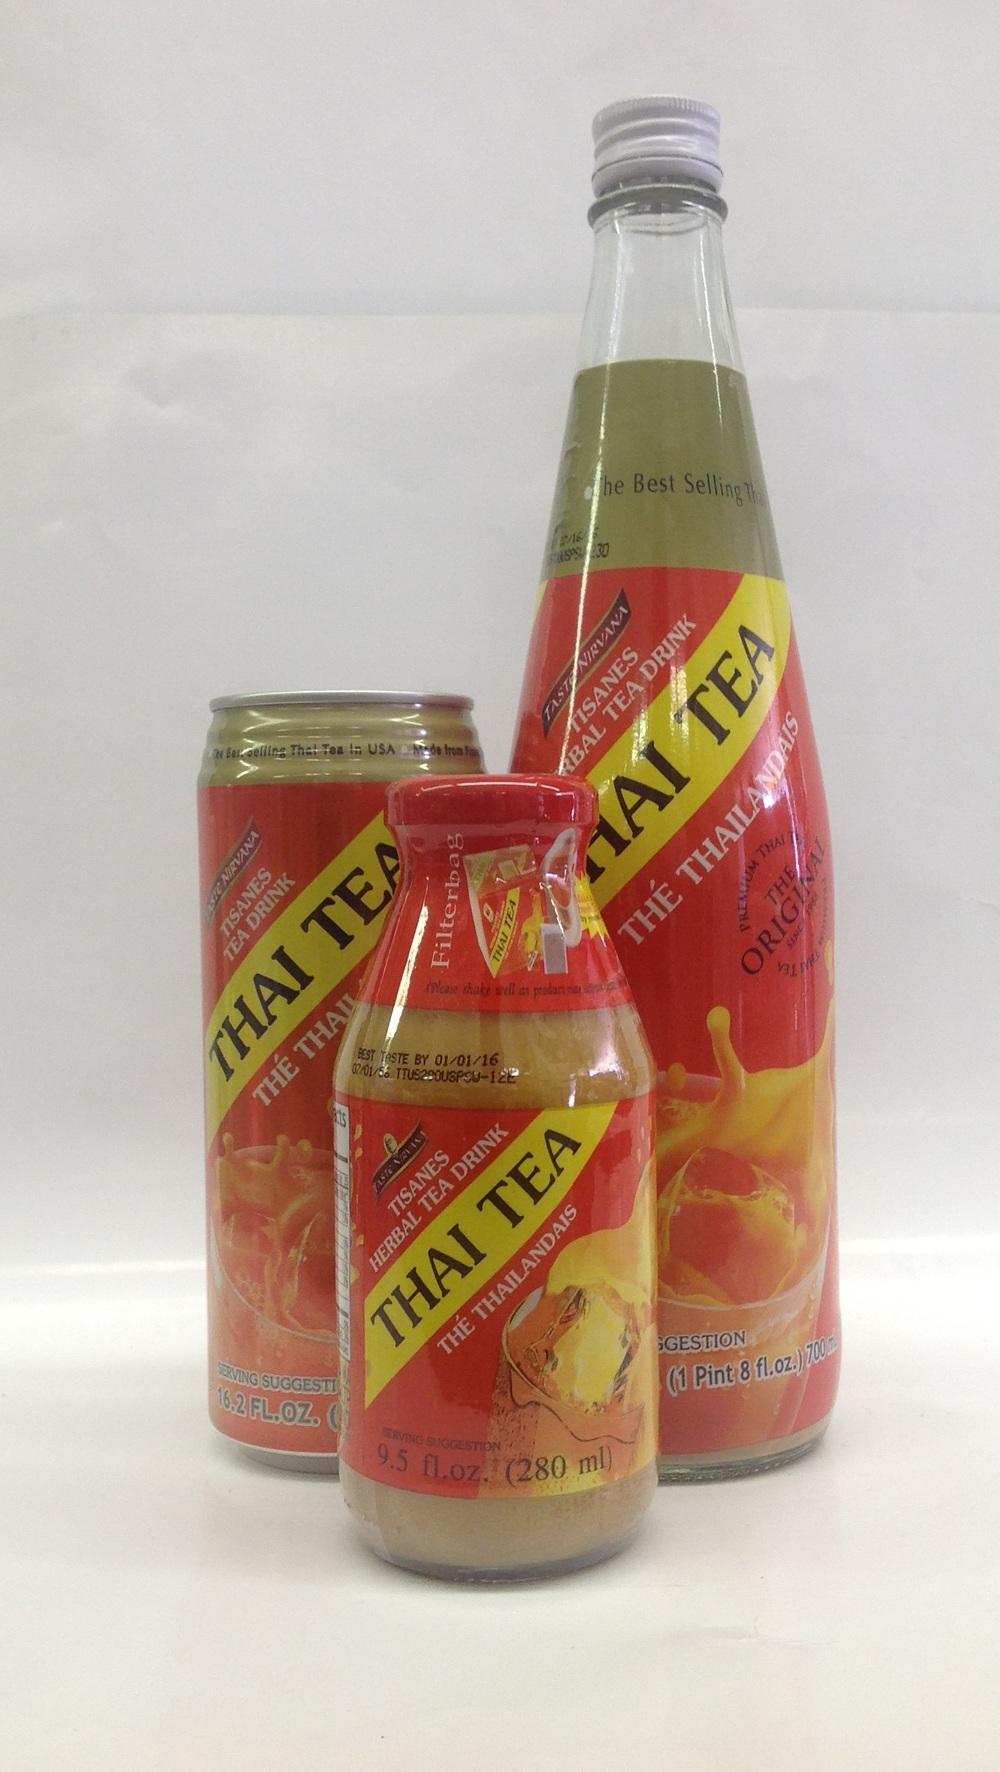 Thai Tea w/ Cream   Taste Nirvana   DK17601 24x10.5 oz (Can)  DK17604 12x25 oz (Bottle)  DK17605 24x9.5 oz (Bottle)  DK17607 24x17.6 oz (Tall Can)